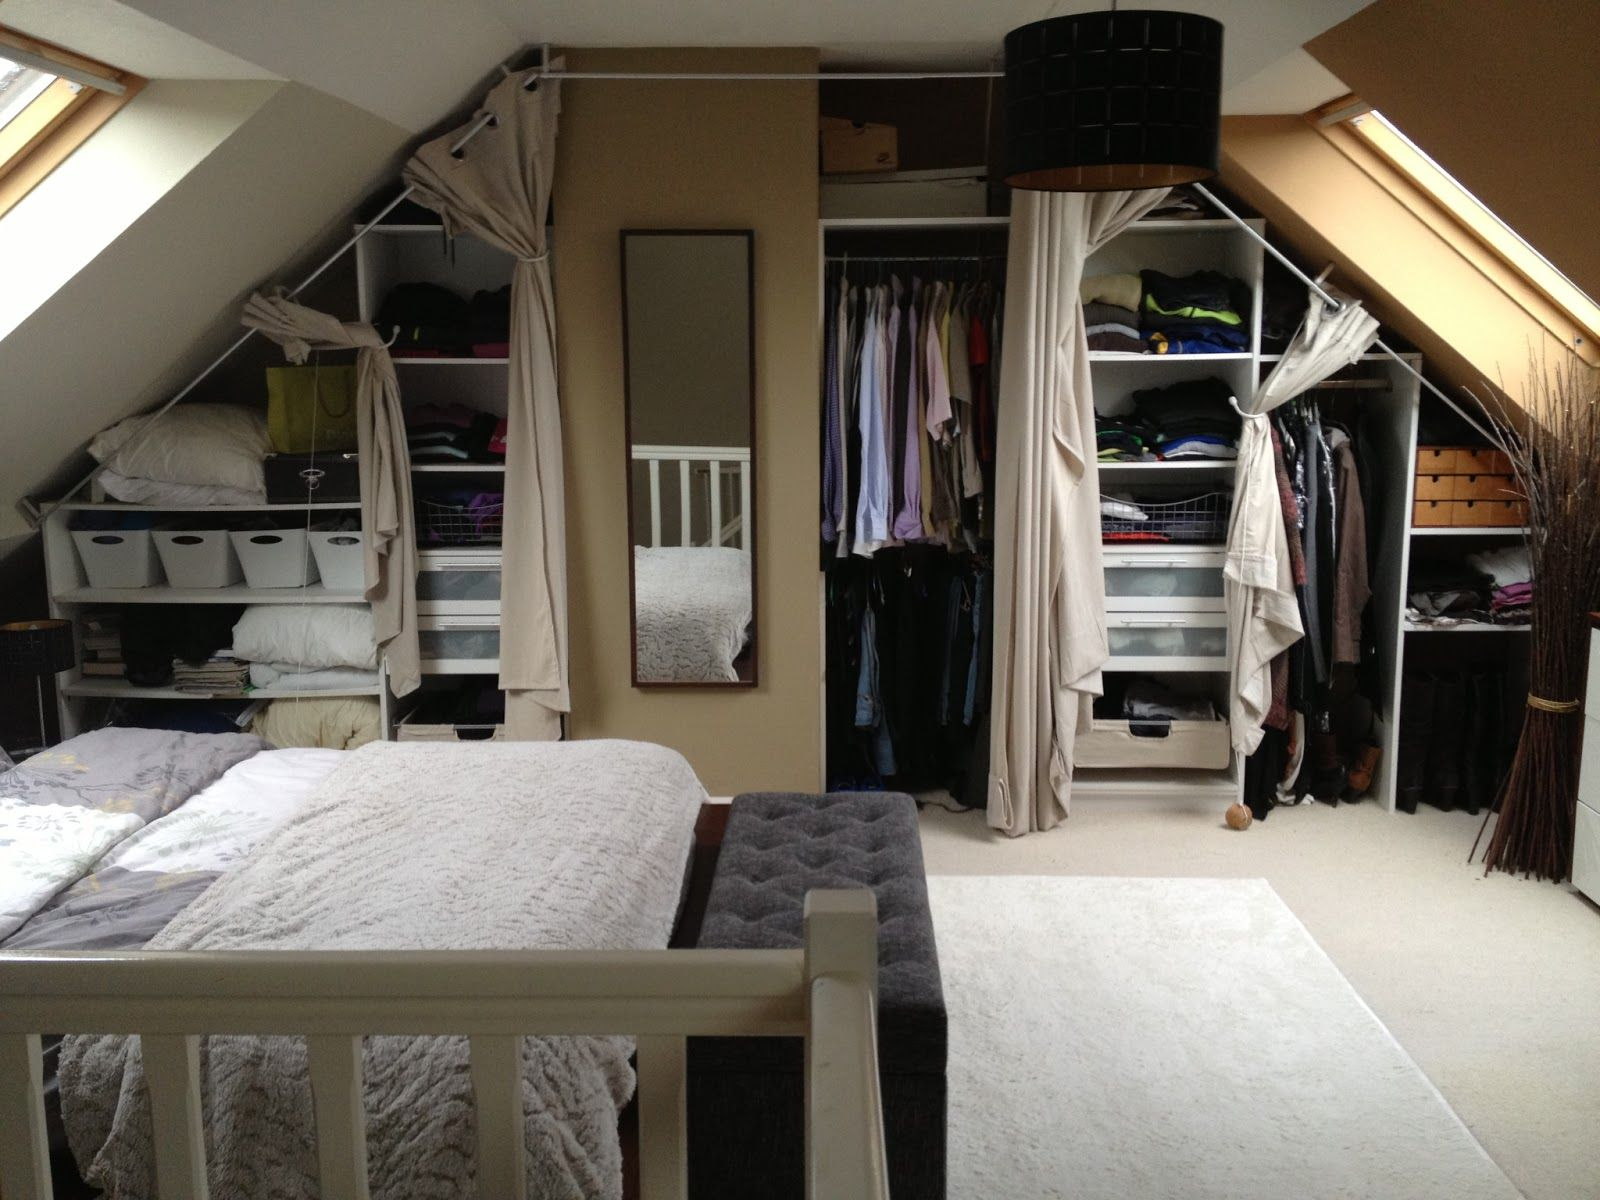 Penderie Pour Chambre Mansardée dressing: mon problème une chambre mansardée